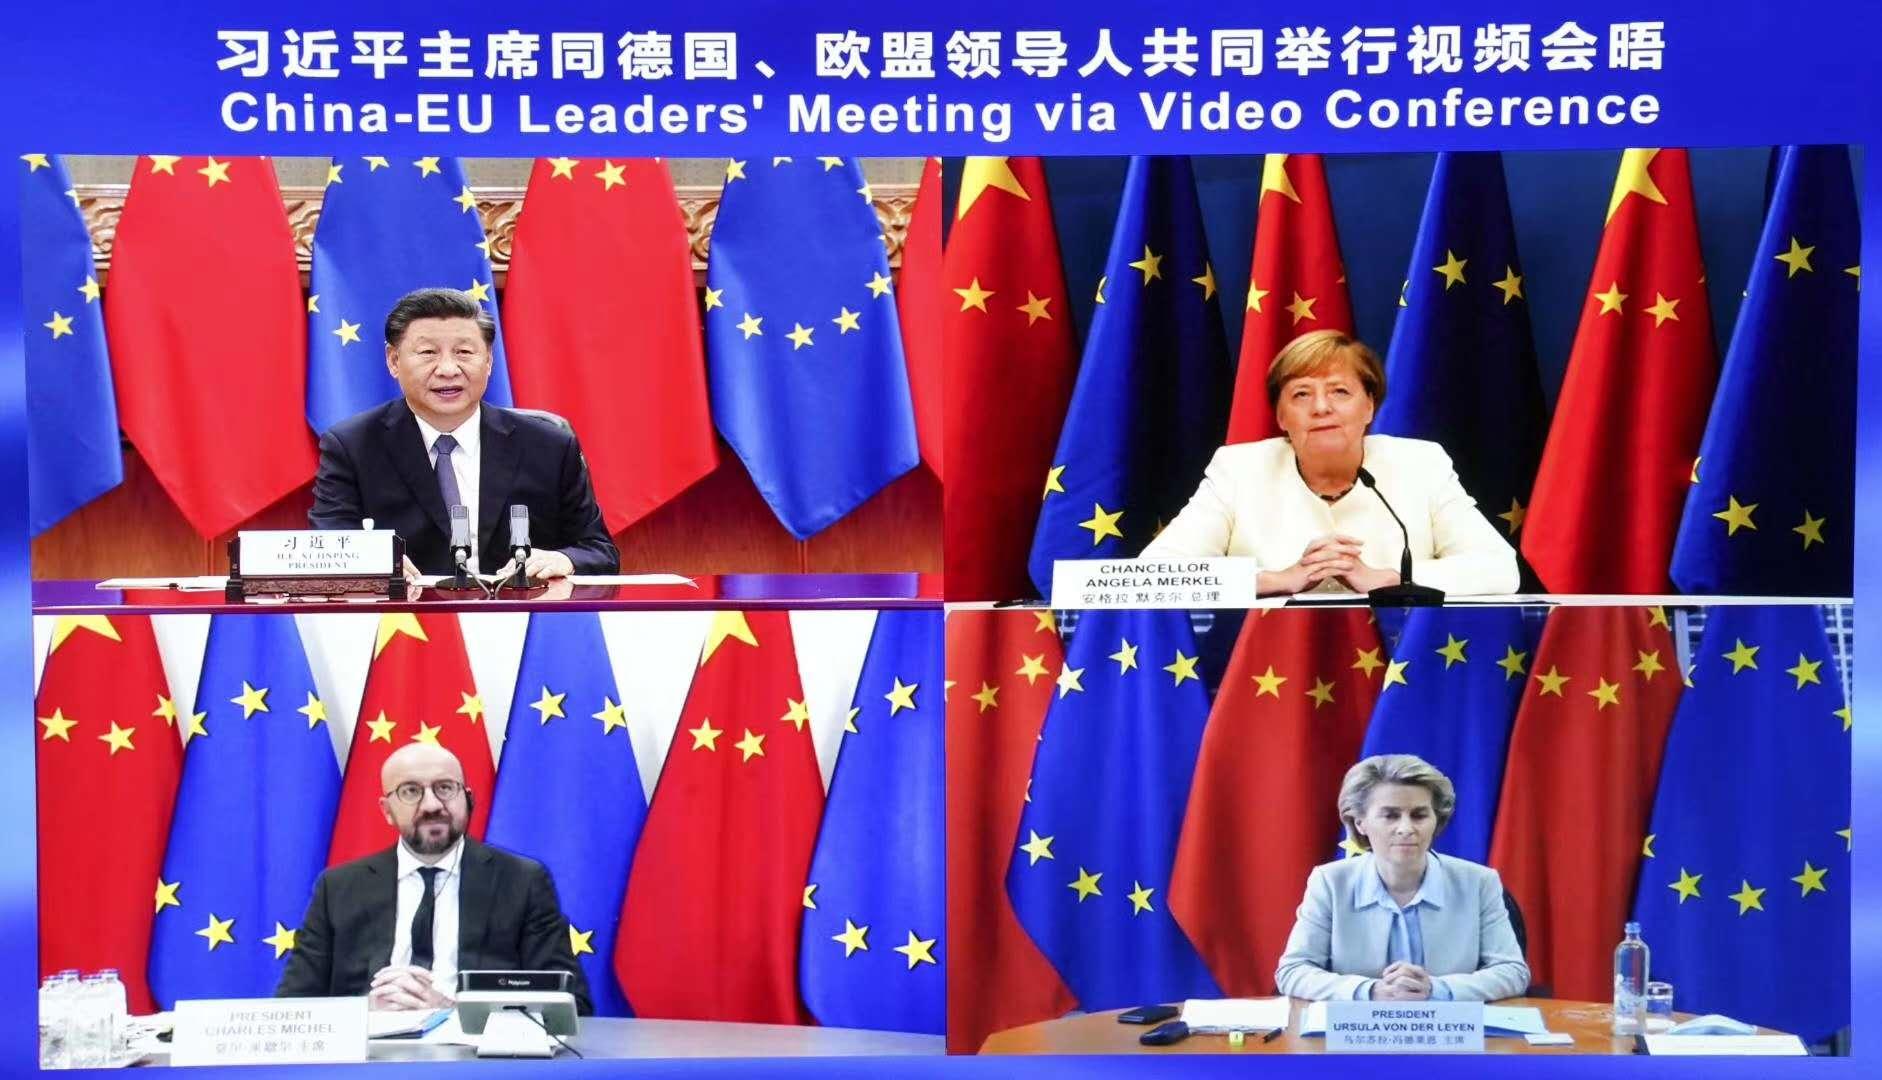 9月14日晚,国家主席习近平在北京同欧盟轮值主席国德国总理默克尔、欧洲理事会主席米歇尔、欧盟委员会主席冯德莱恩共同举行会晤,会晤以视频方式举行。 新华社记者 庞兴雷 摄